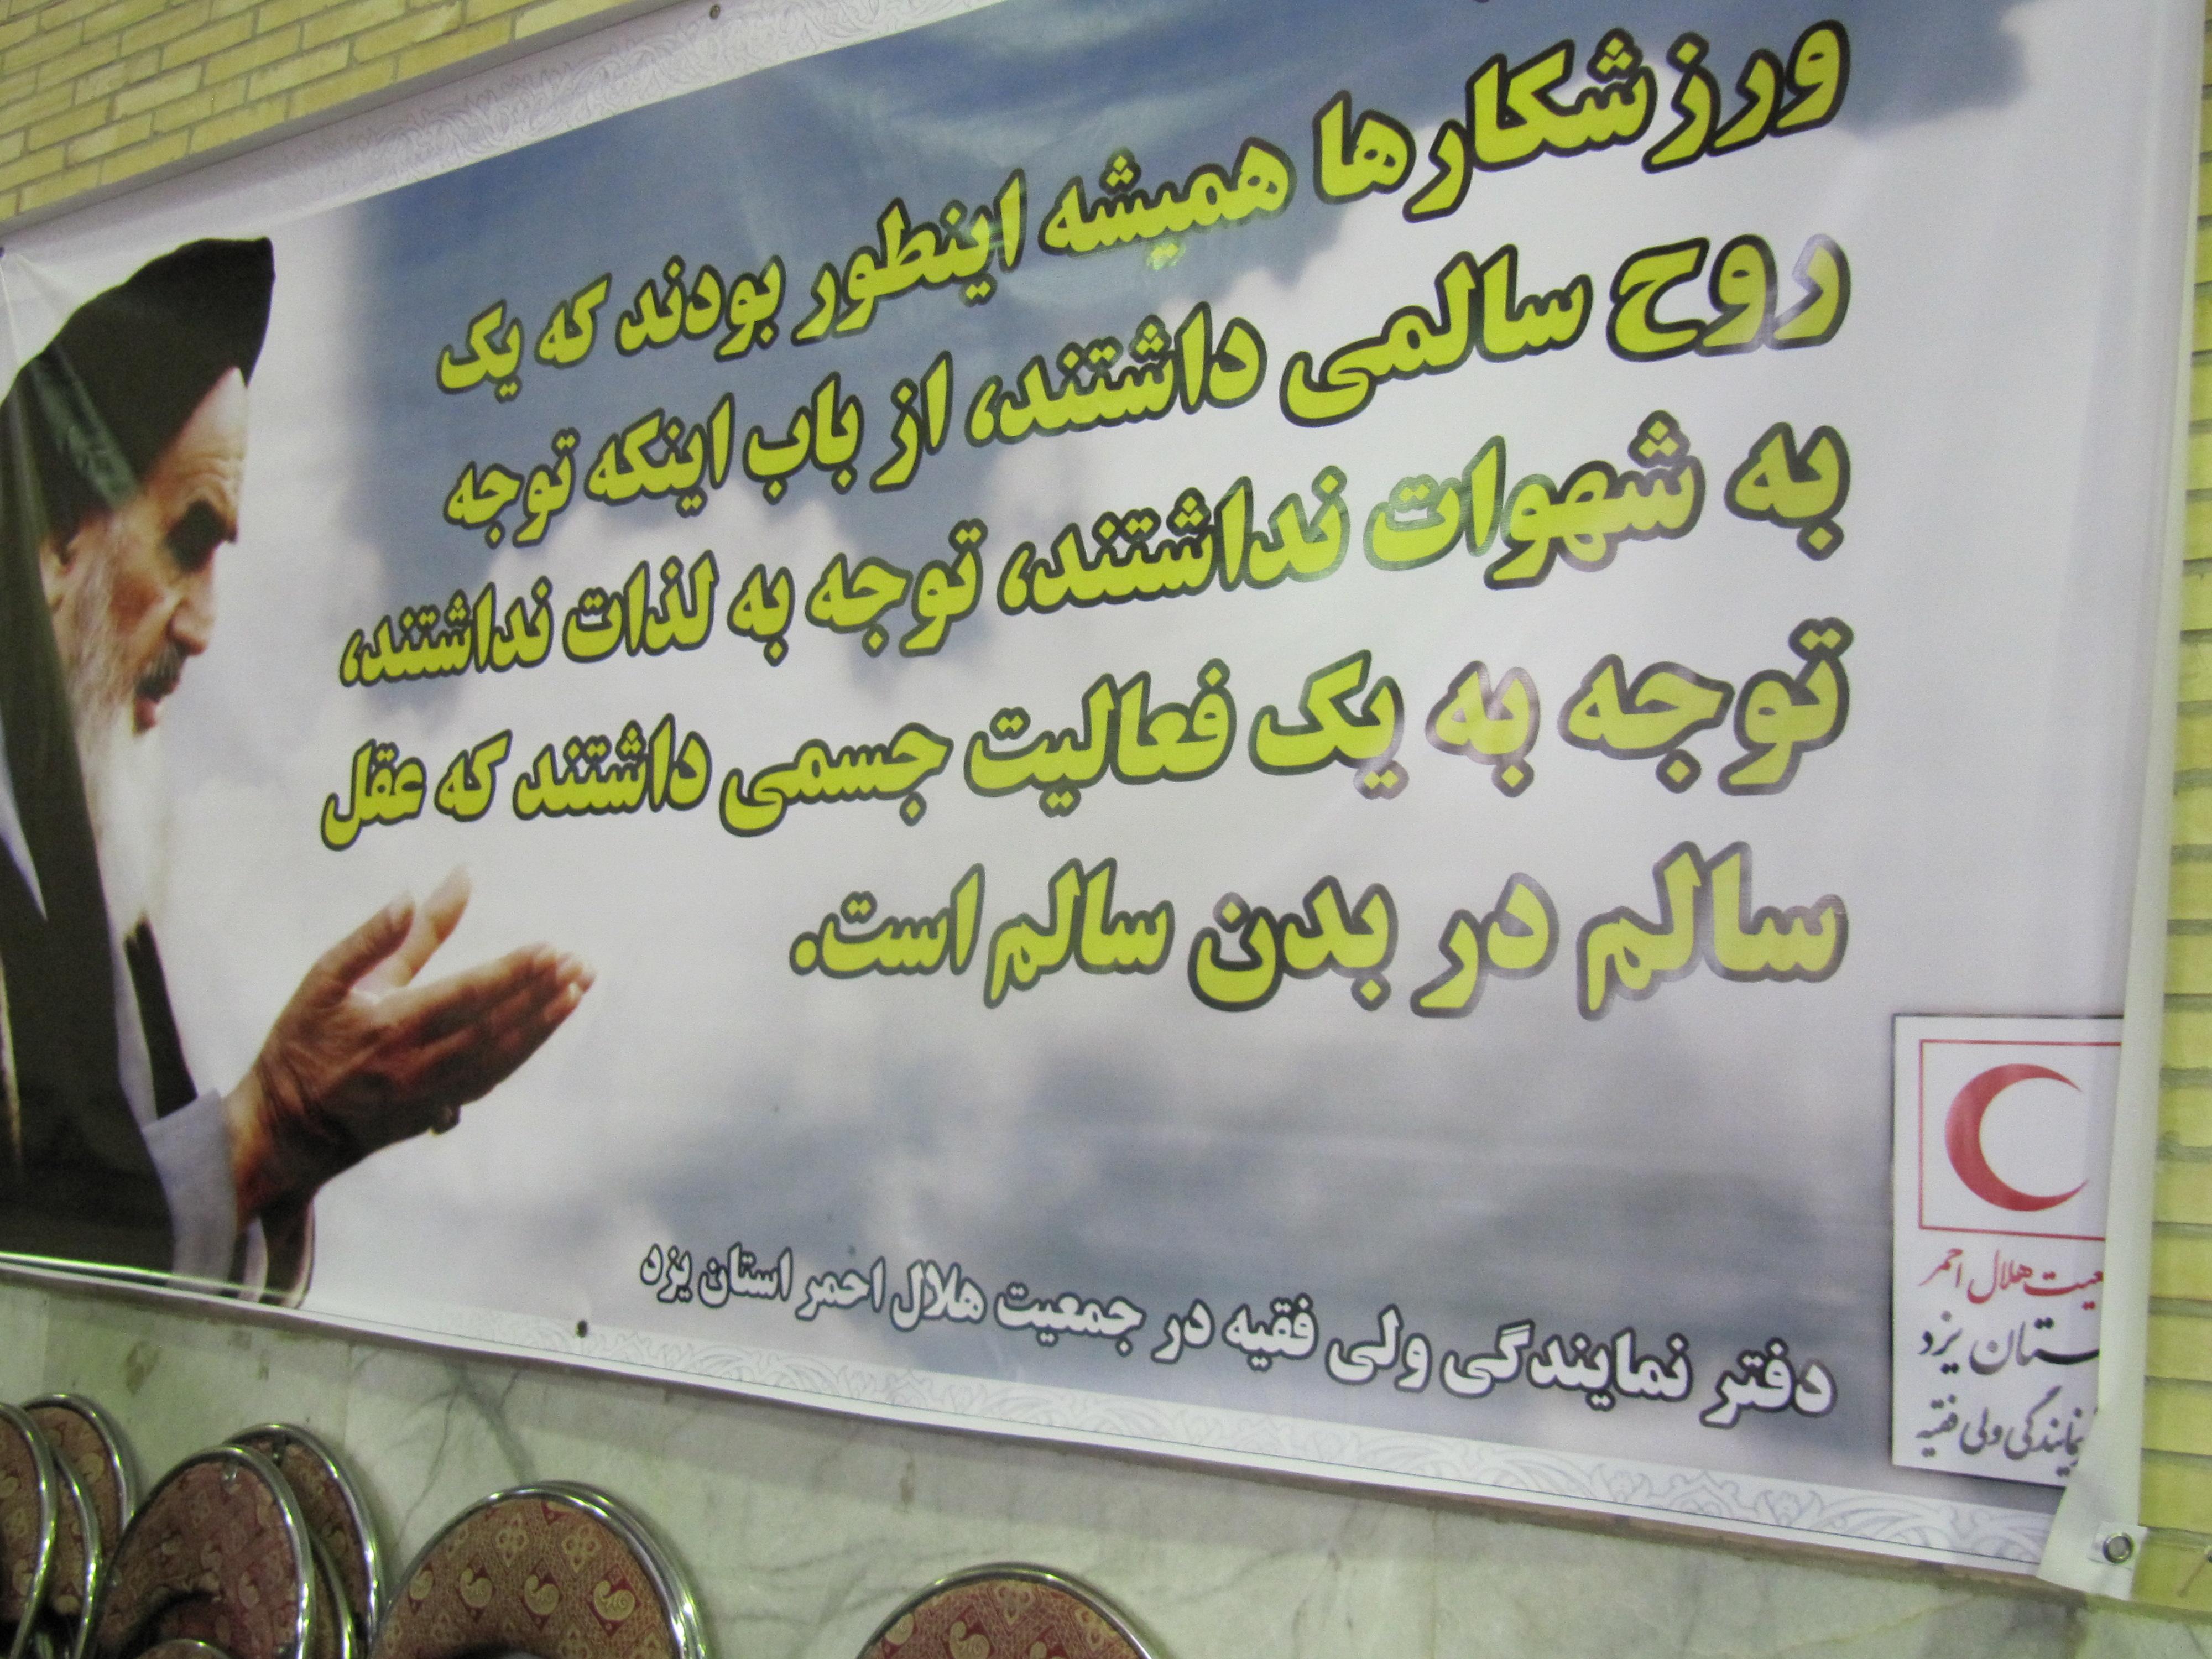 سخنان امام خمینی(ره) درباره ورزشکاران